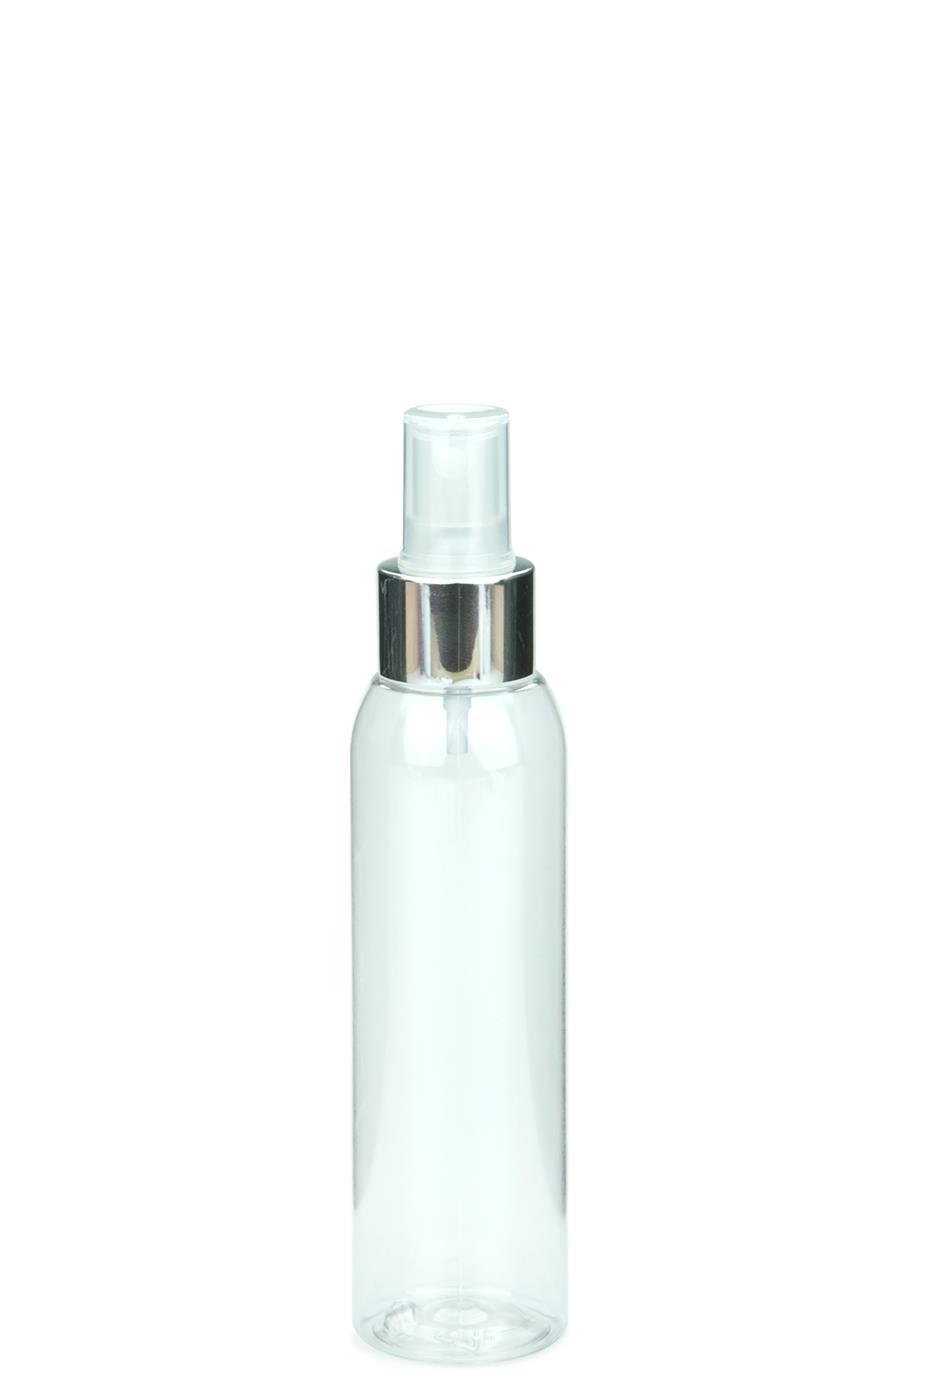 pet flasche aida 125 ml klar mit spray zerst uber pumpe luxury 24 410 transparent metall. Black Bedroom Furniture Sets. Home Design Ideas